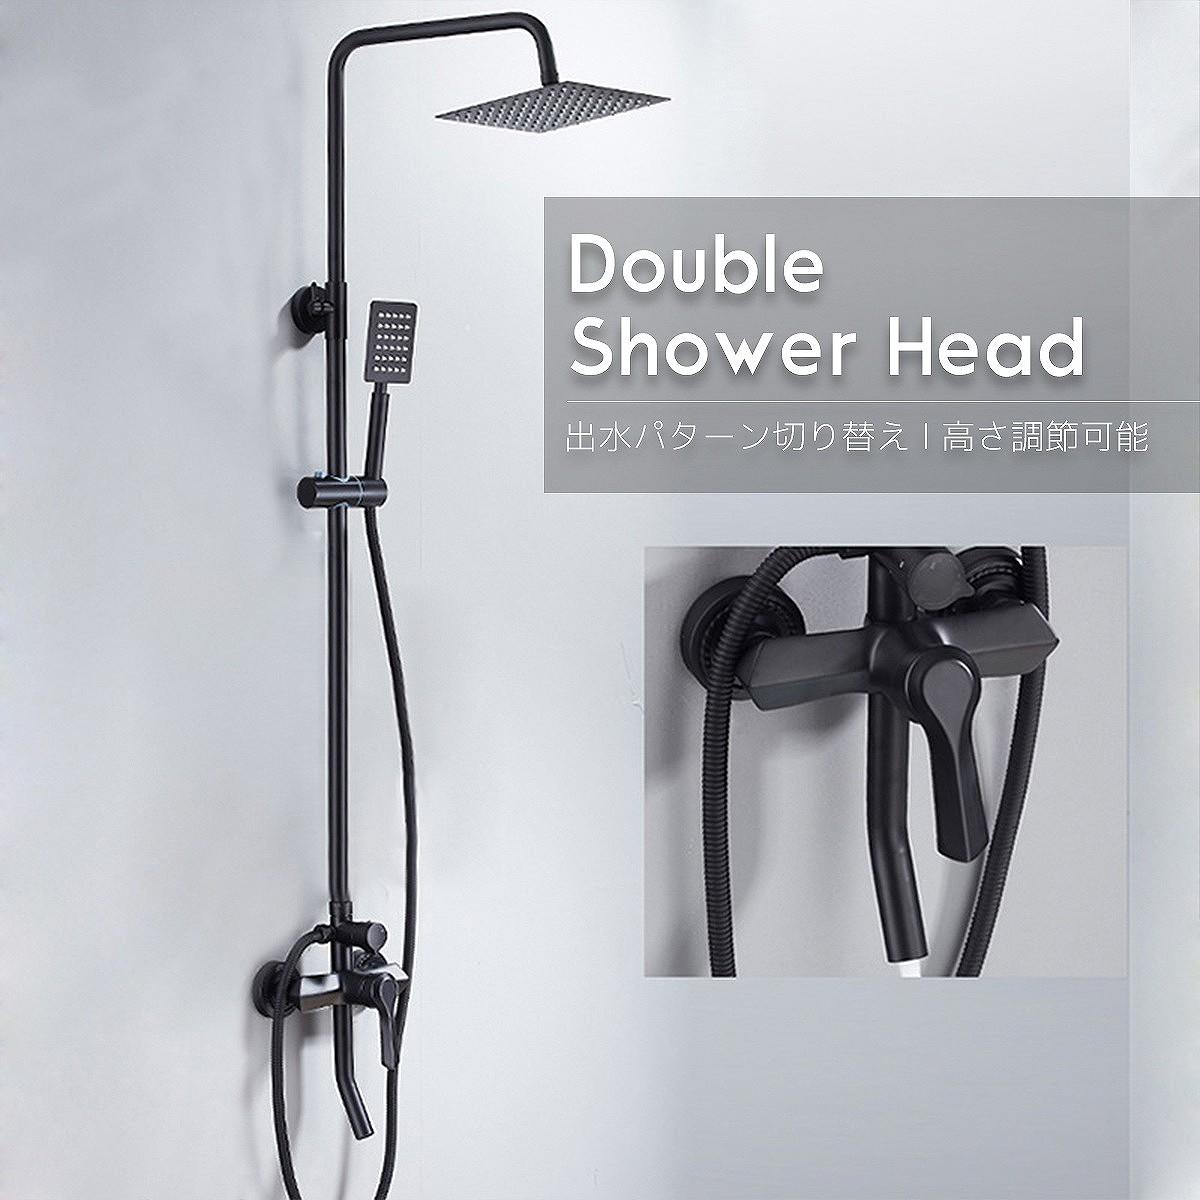 シャワーバー ダブルシャワーヘッド 混合水栓 オーバーヘッドシャワー モード切替可能 ステンレス製 リフォーム 浴室用水栓 節水 SW-08